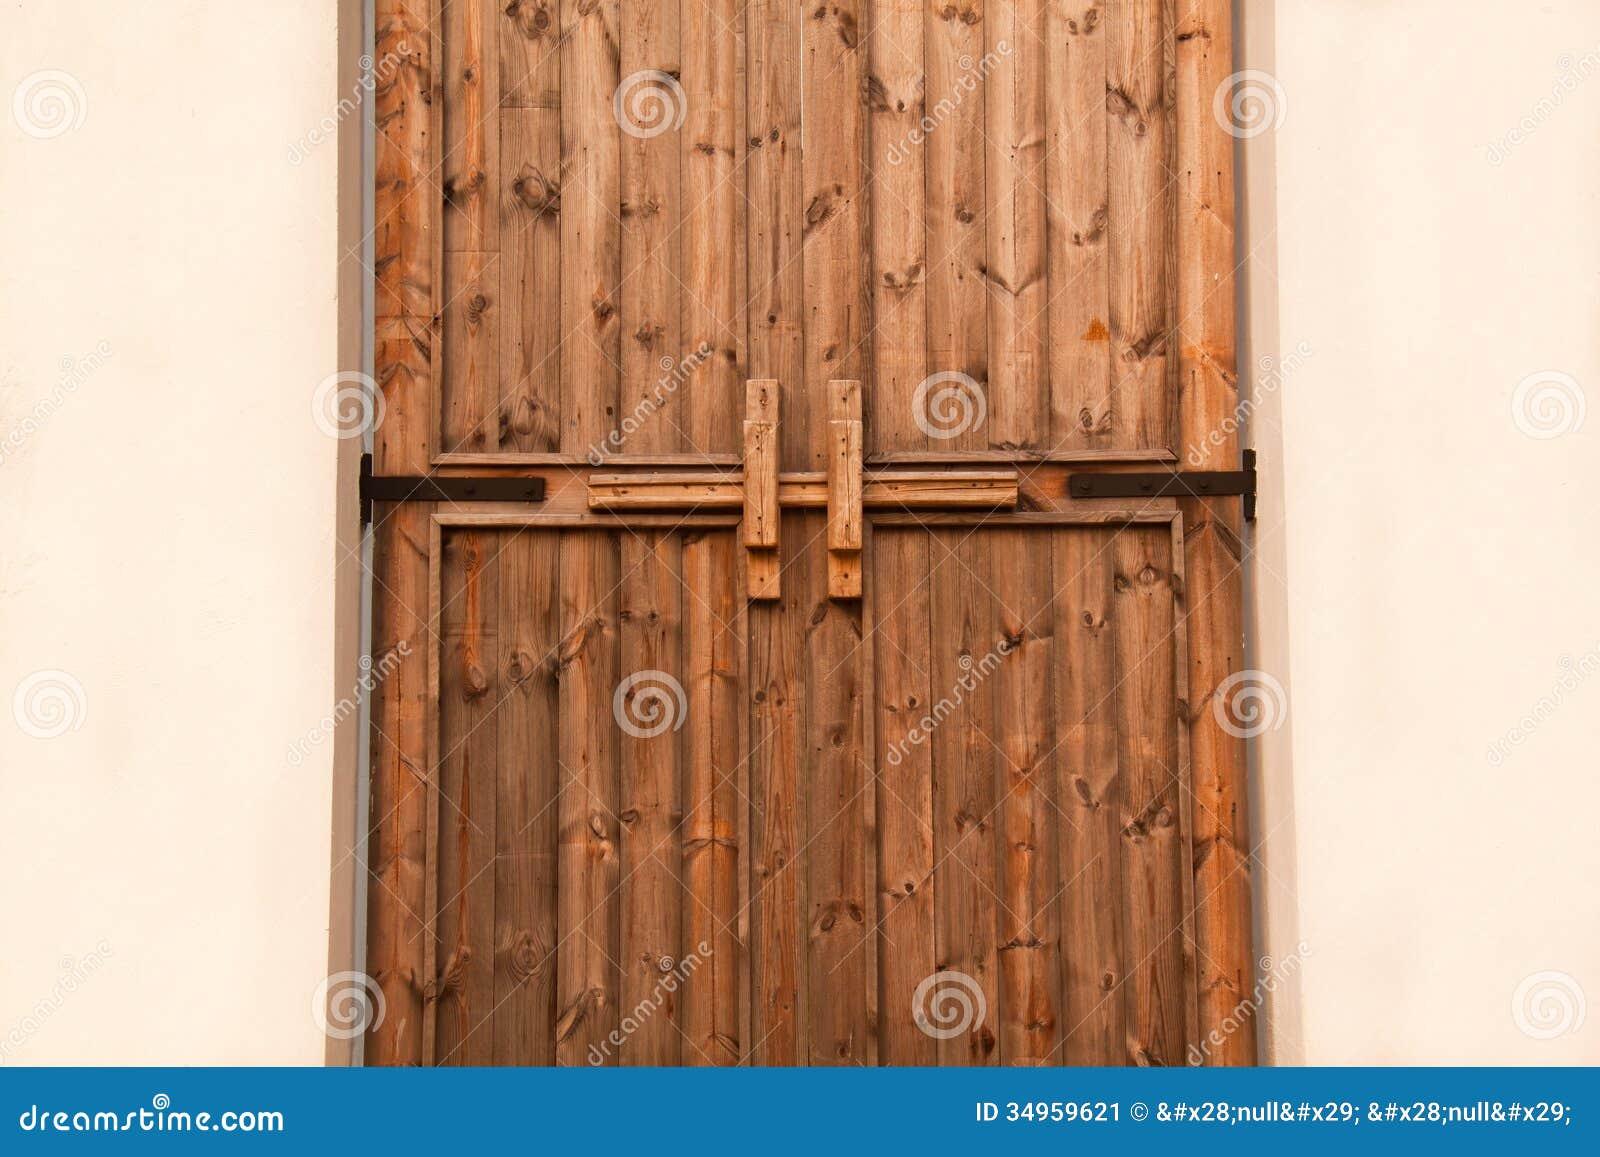 Door Latch: Wooden Door Latch